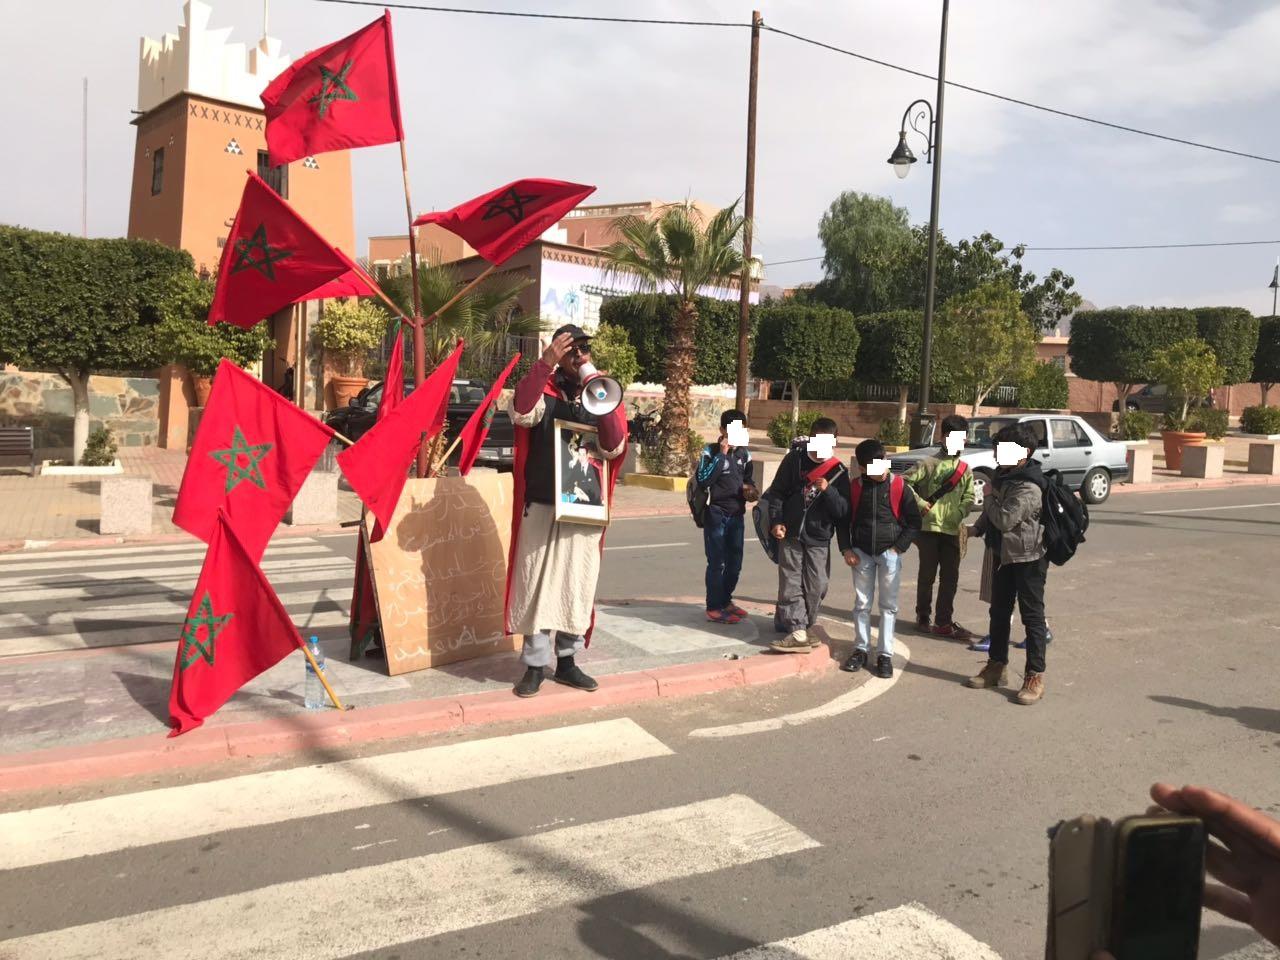 تافراوت: رفض منح رخصة لمزاولة نشاط مهني يخرج مواطن للإحتجاج امام مقر بلدية تافراوت